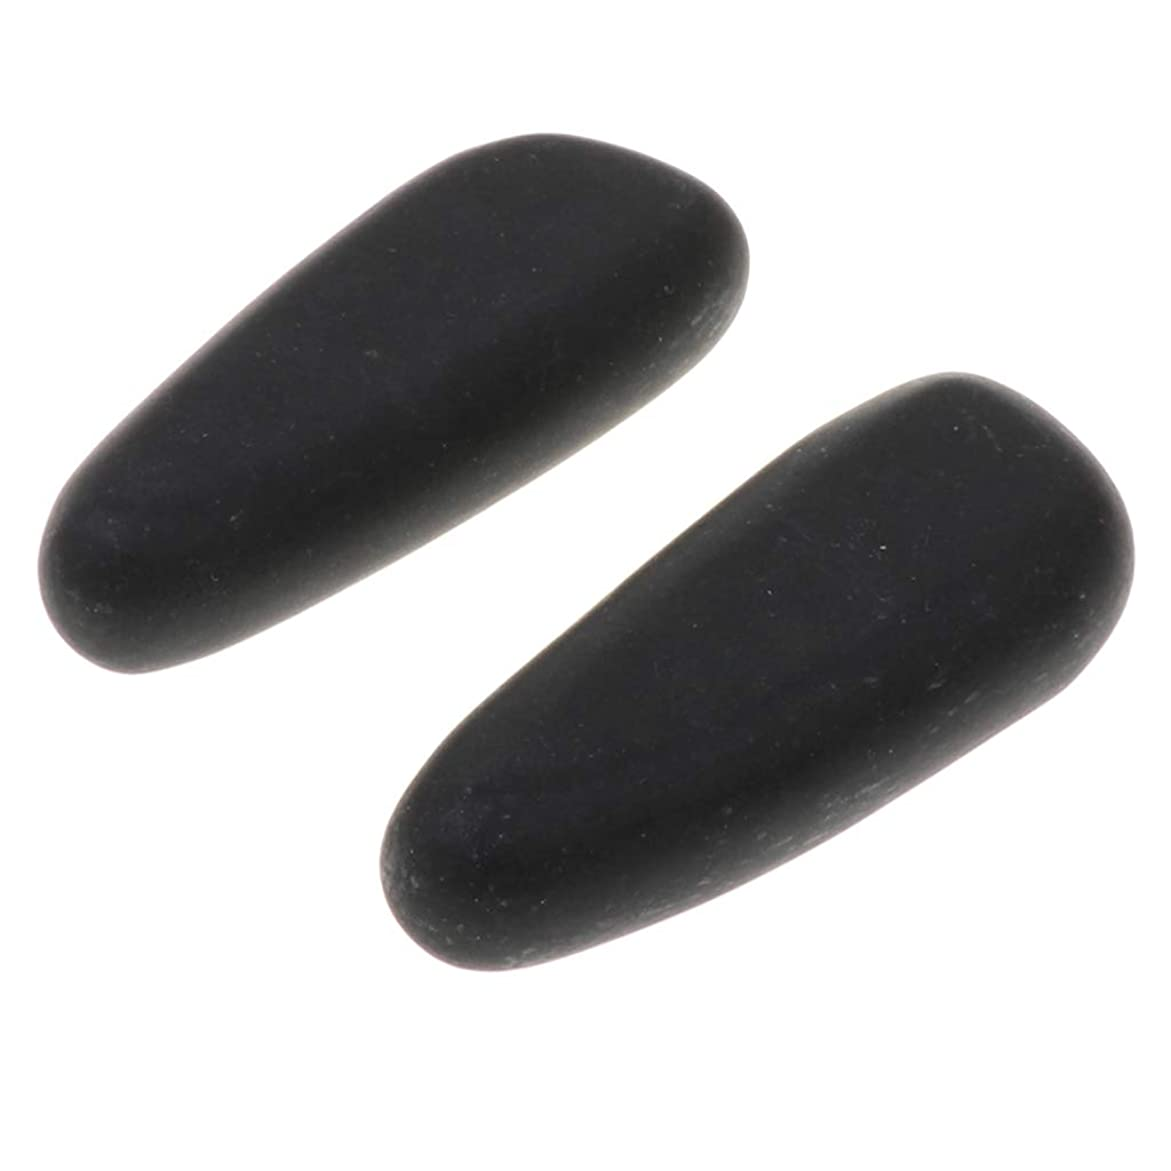 貝殻周辺気絶させるsharprepublic 天然石ホットストーン マッサージストーン 玄武岩 ボディマッサージ 実用 ツボ押しグッズ 2個 全2サイズ - 8×3.2×2cm